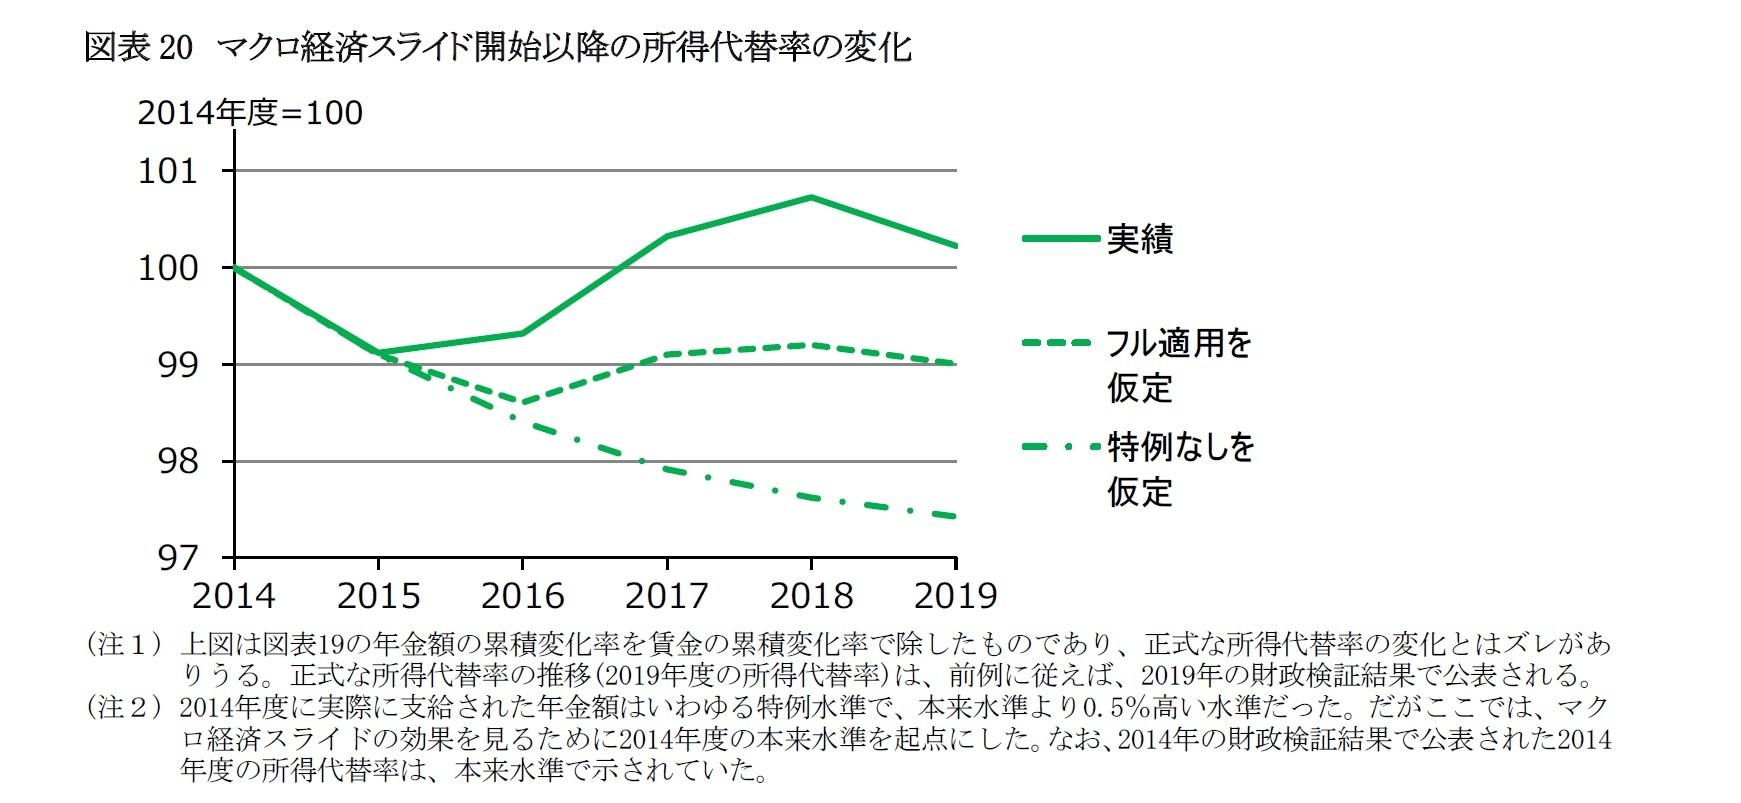 図表20 マクロ経済スライド開始以降の所得代替率の変化